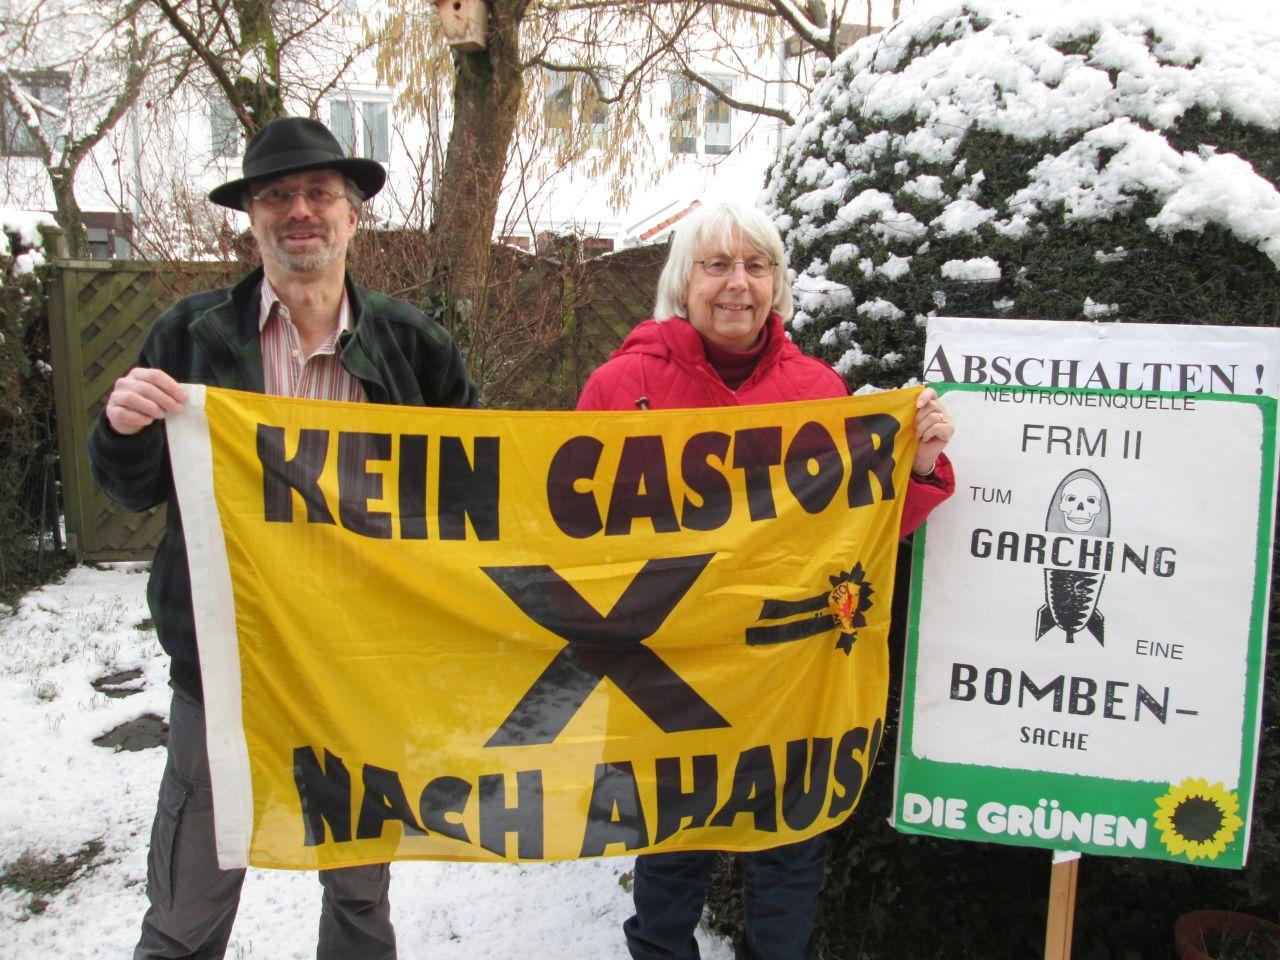 Werner Thiel und Ingrid Wundrak in Garching